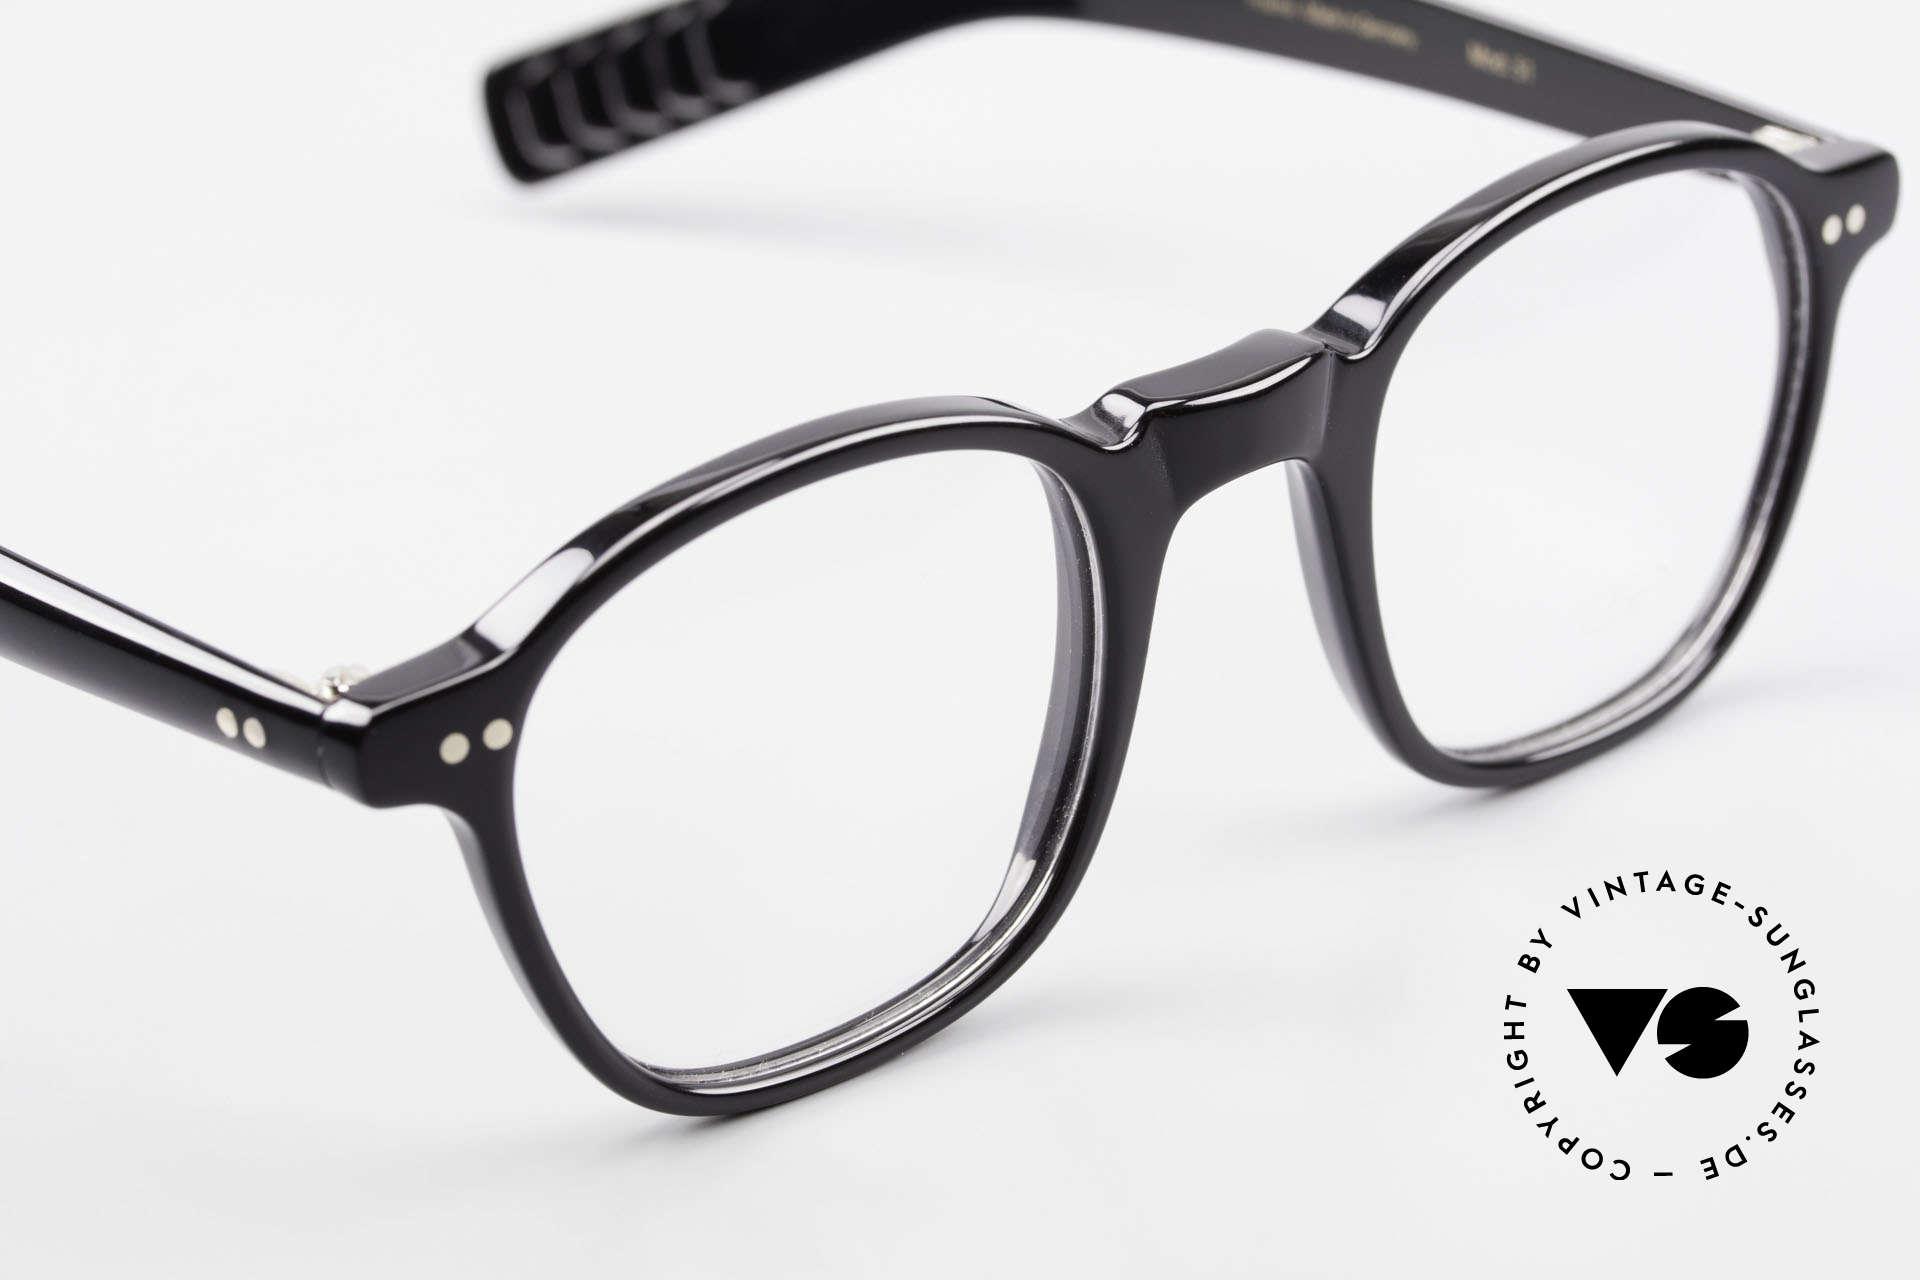 Lunor A51 James Dean Johnny Depp Brille, ungetragen (wie alle unsere legendären LUNOR Brillen), Passend für Herren